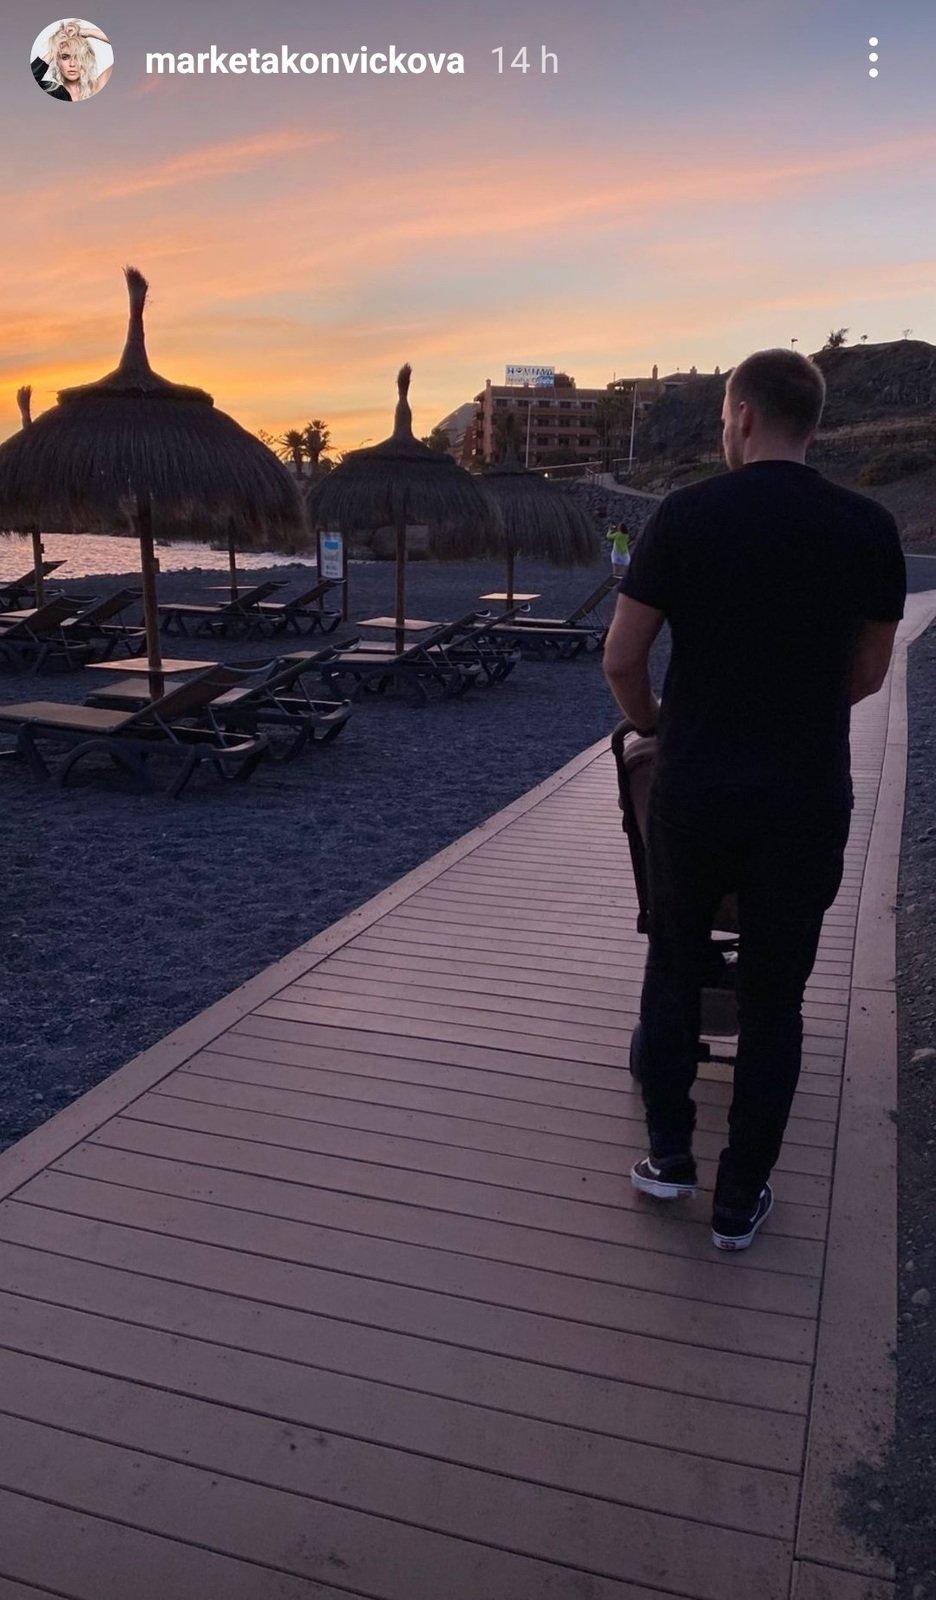 Markéta Konvičková vyrazila na dovolenou